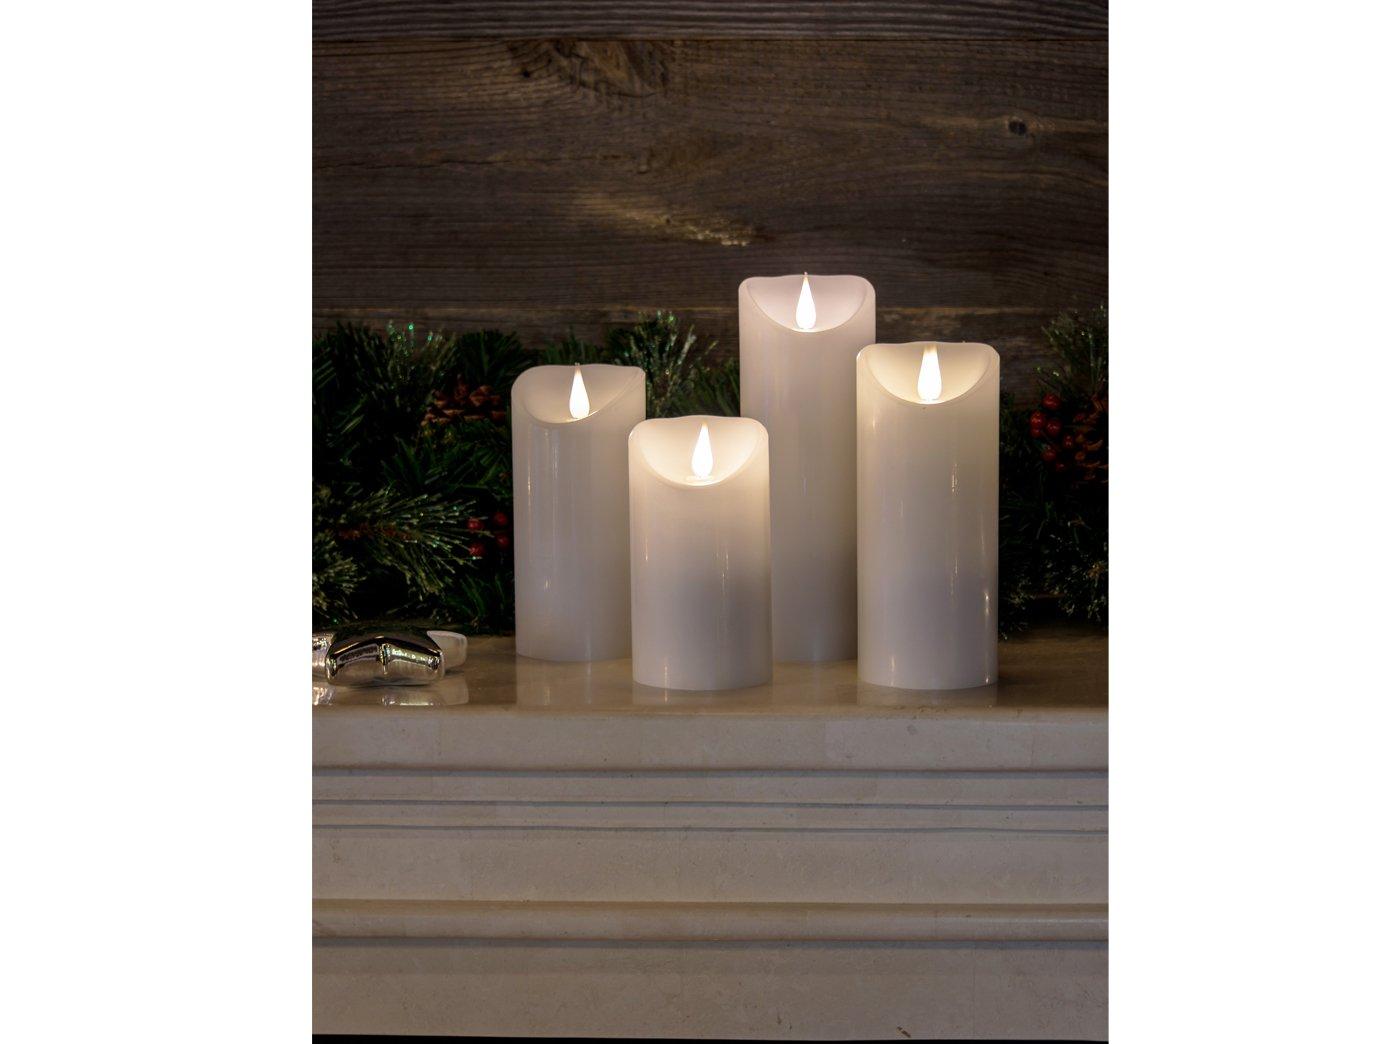 4er Set LED Echtwachskerzen mit 3D Flamme & 4 8h Timer, Ø 7,5cm, Höhe 13,5 15,5 17,5 21,5cm, Batteriebetrieb  jeweils 2x C 1,5W (exkl.)